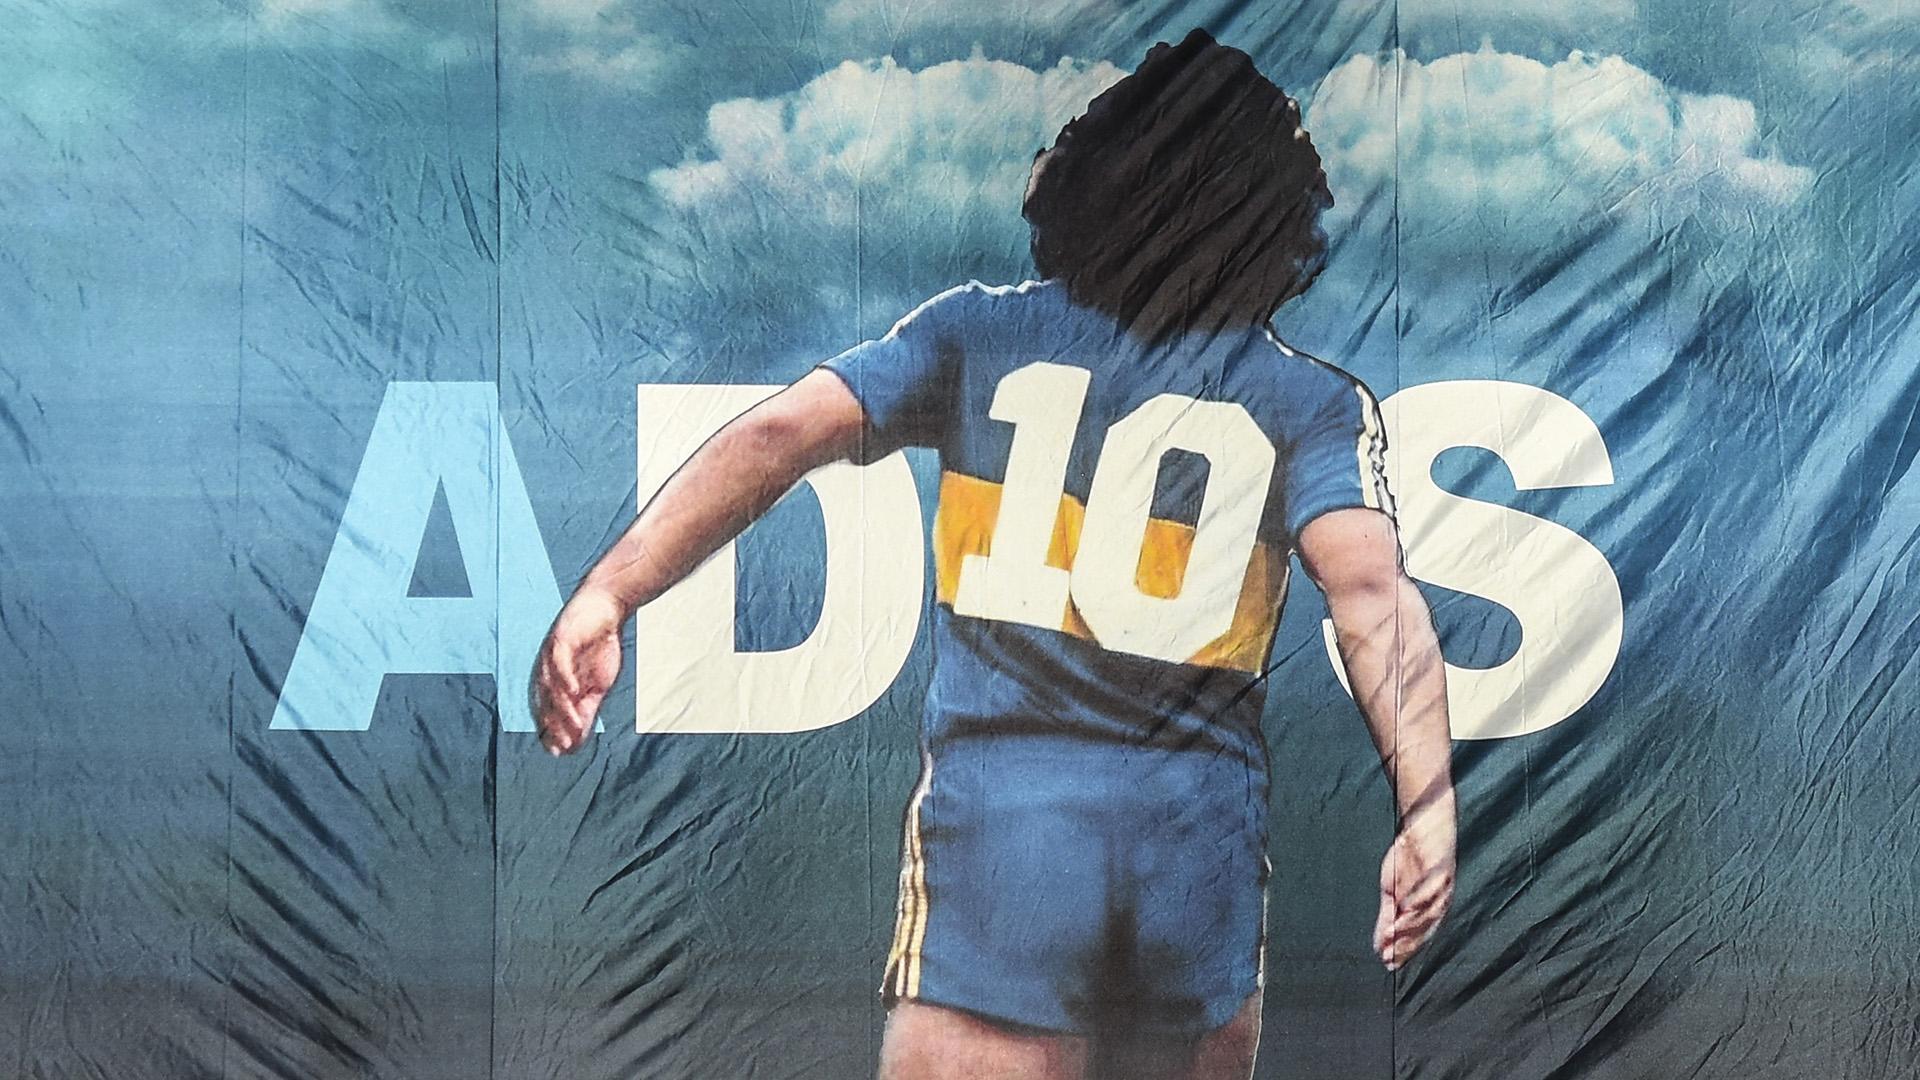 Apasági vizsgálatok miatt egyelőre nem hamvasztják el Maradona holttestét